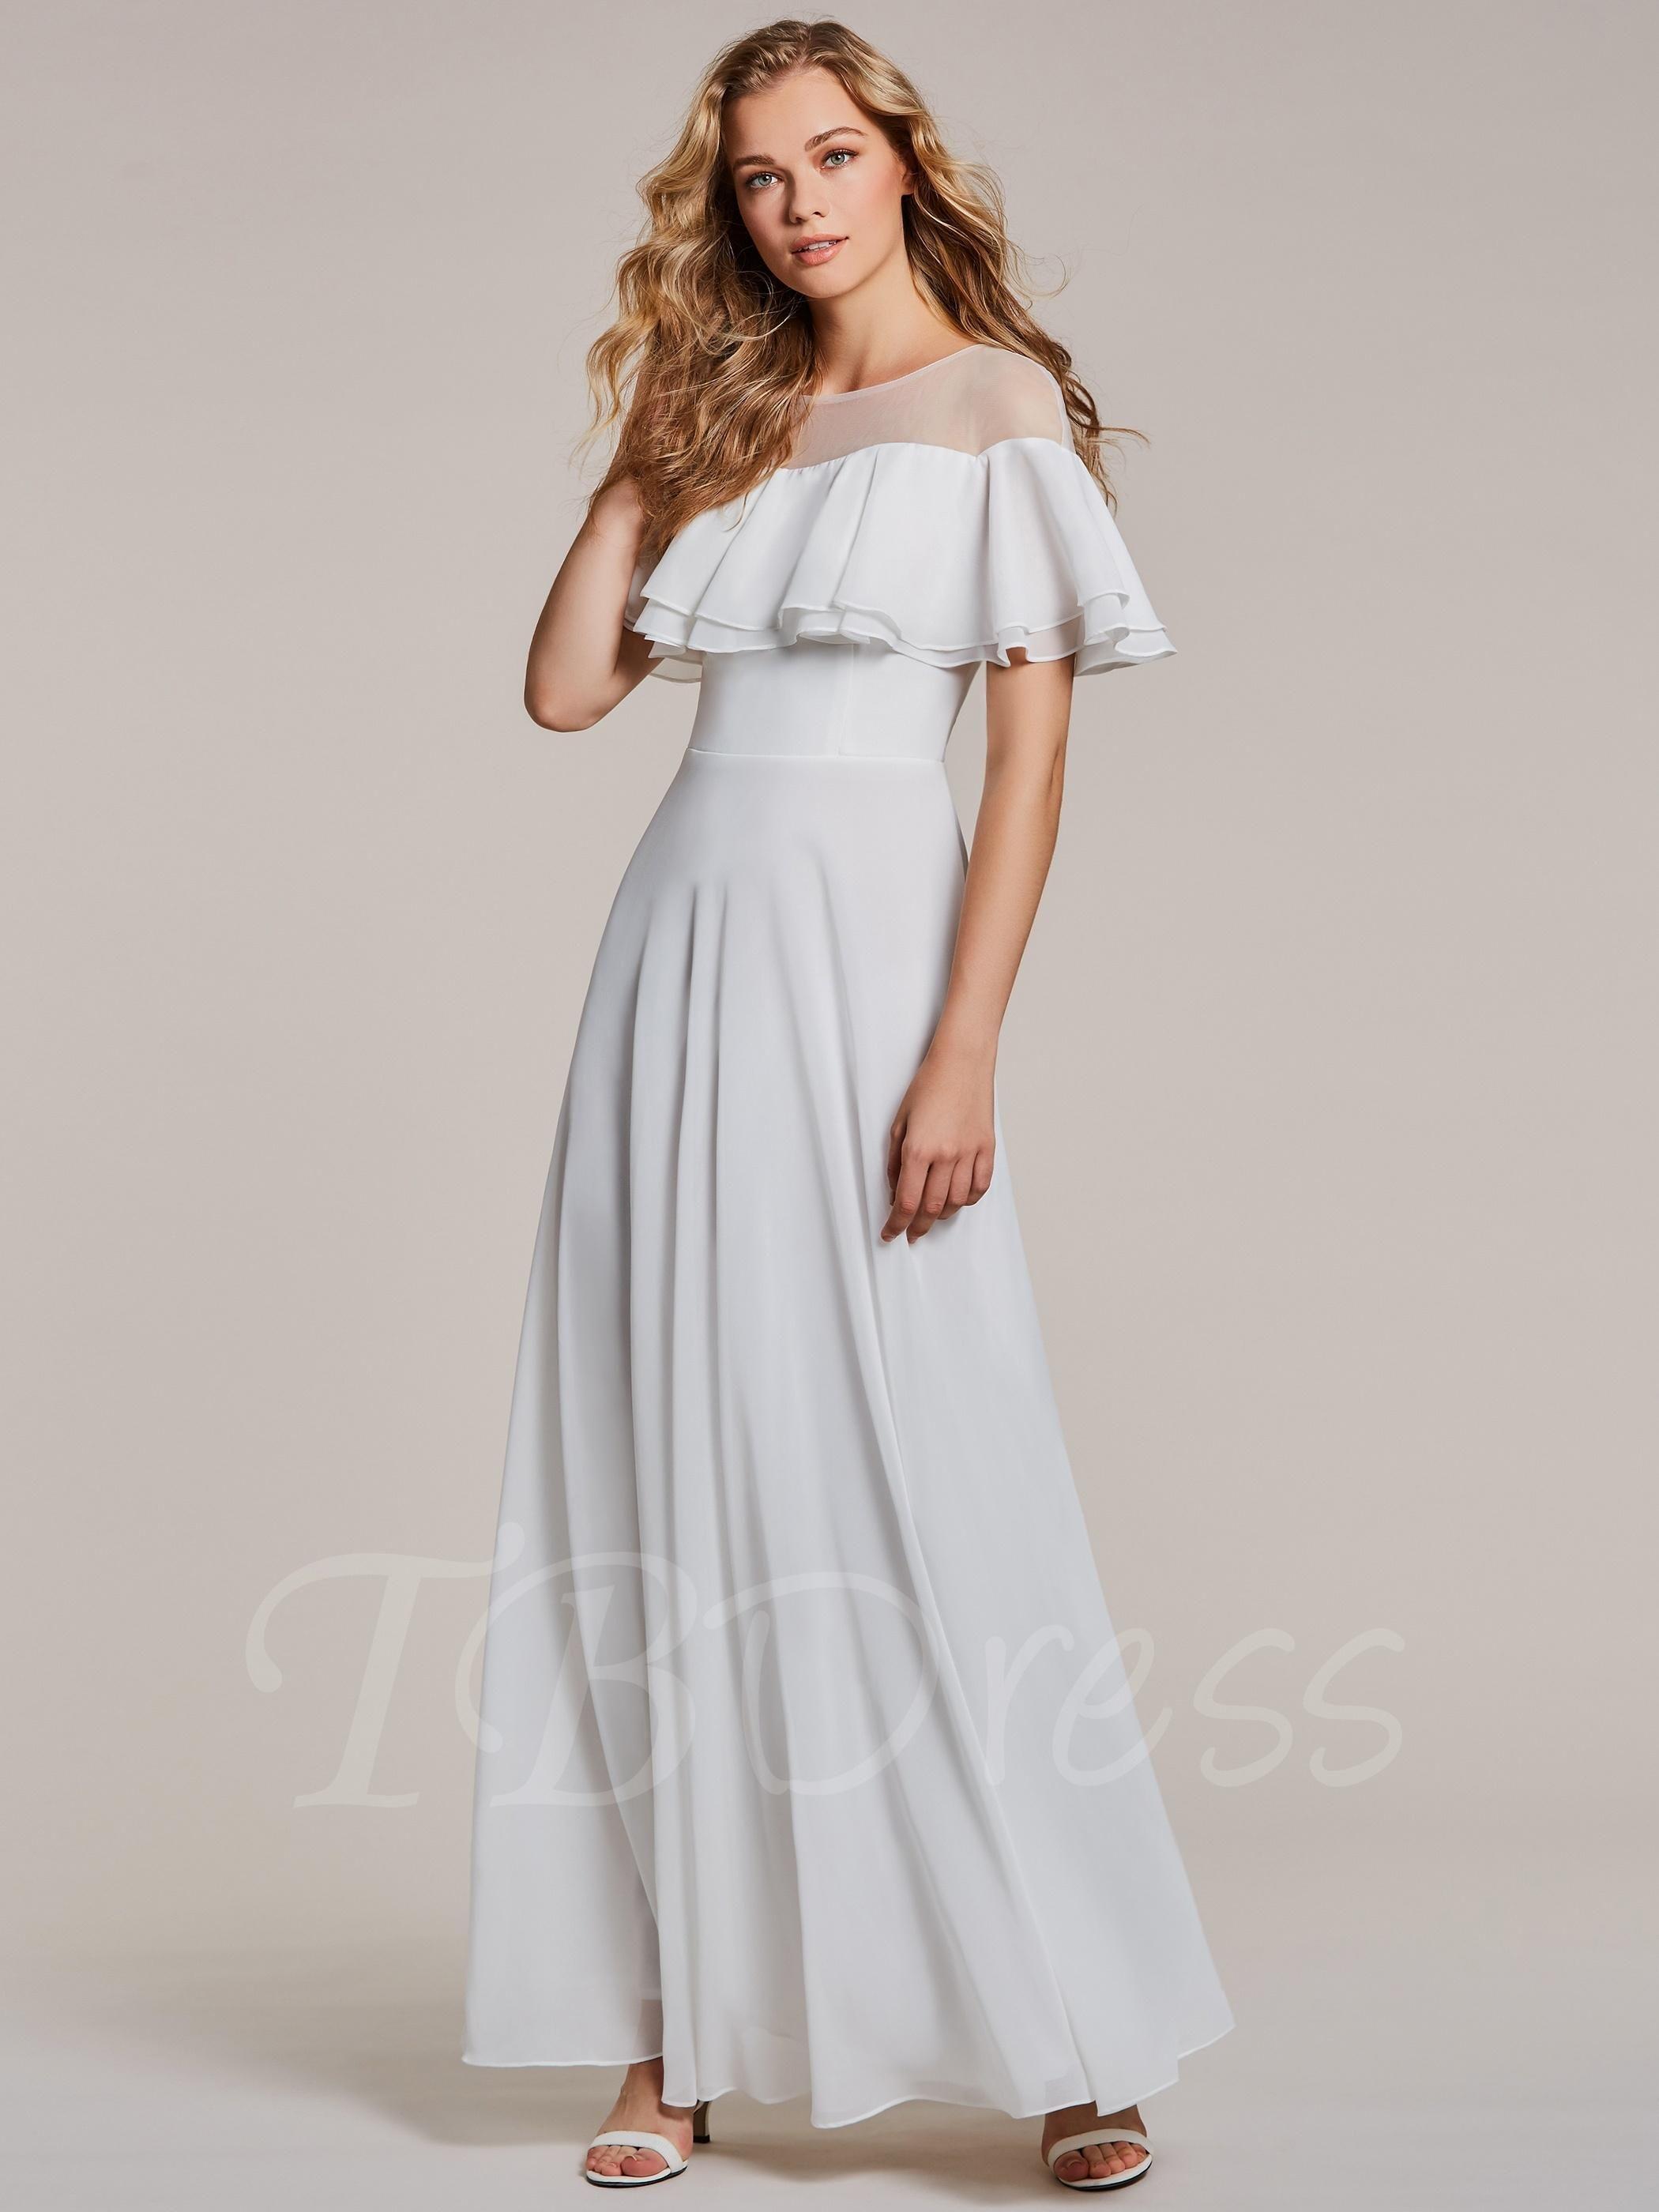 Adorewe tbdress tbdress scoop neck a line white evening dress